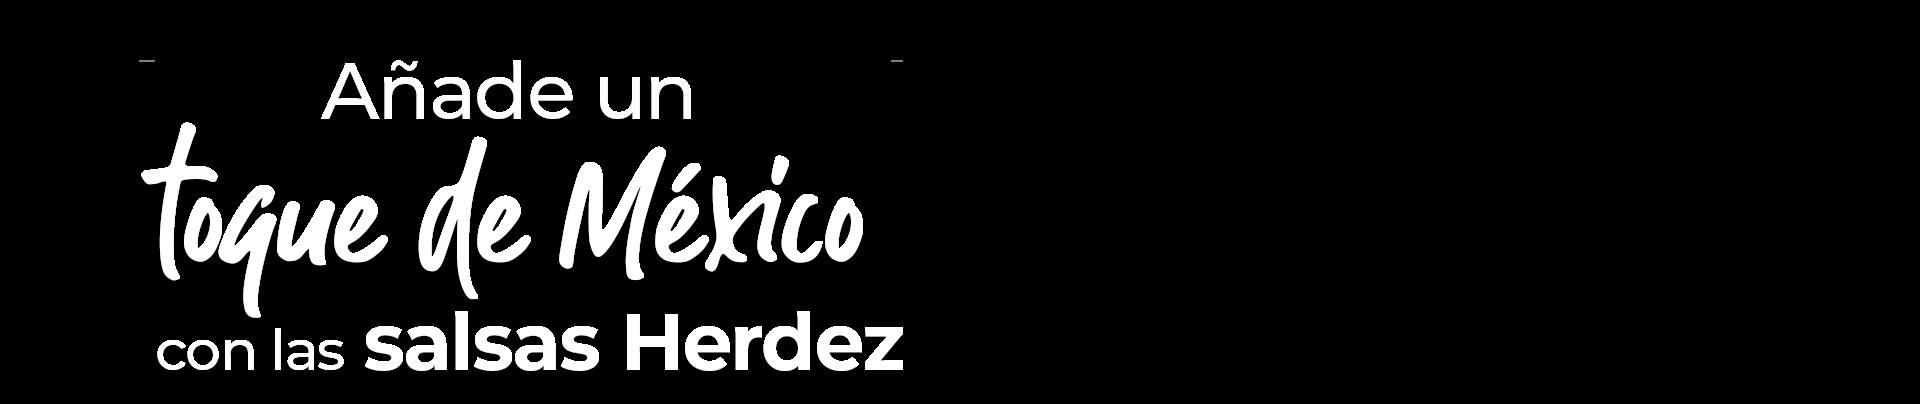 Añade un toque de México a tus platillos con las salsas Herdez